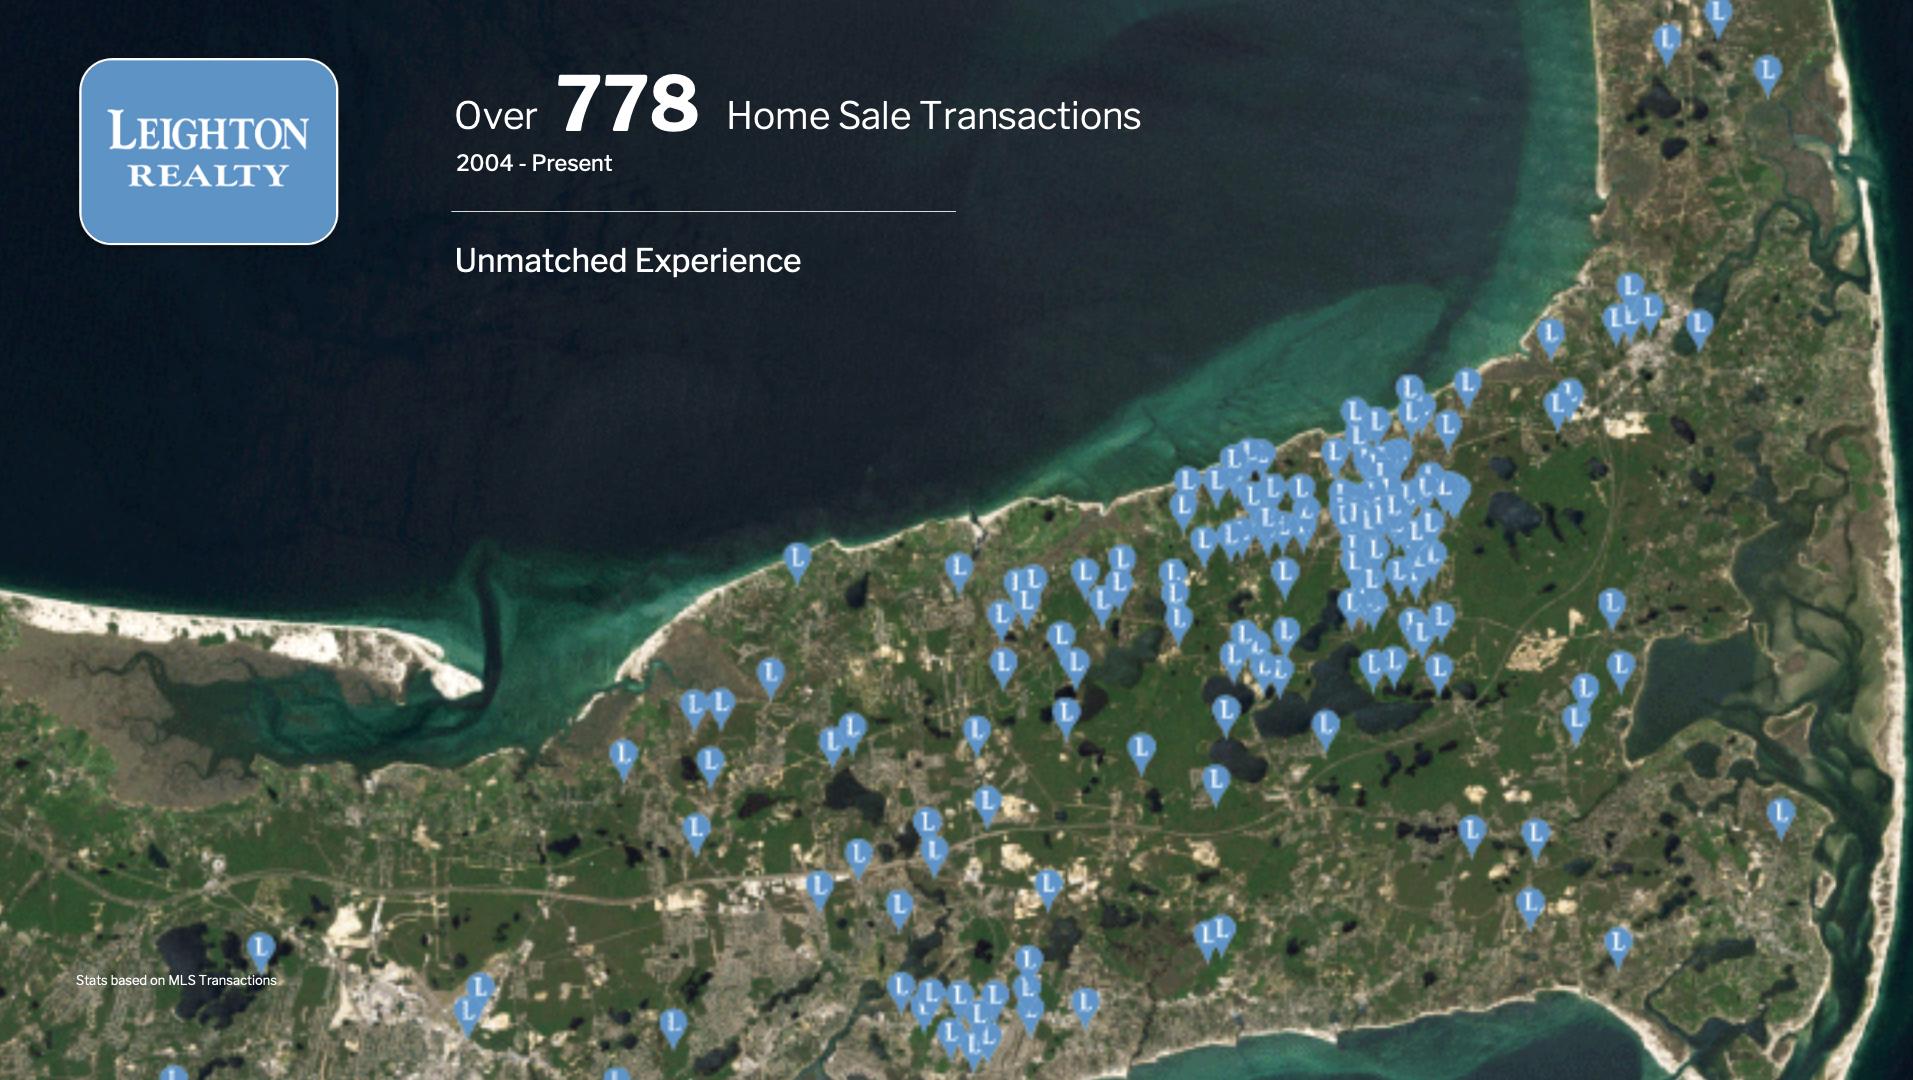 Cape Cod Home Sale Transactions